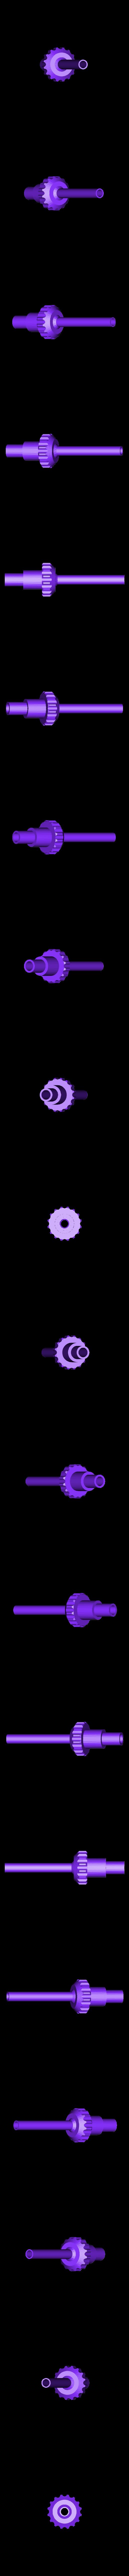 TS_TOOL_Normal.stl Télécharger fichier STL gratuit Outil d'étanchéité des pneus Presta Valve • Plan à imprimer en 3D, UntangleART